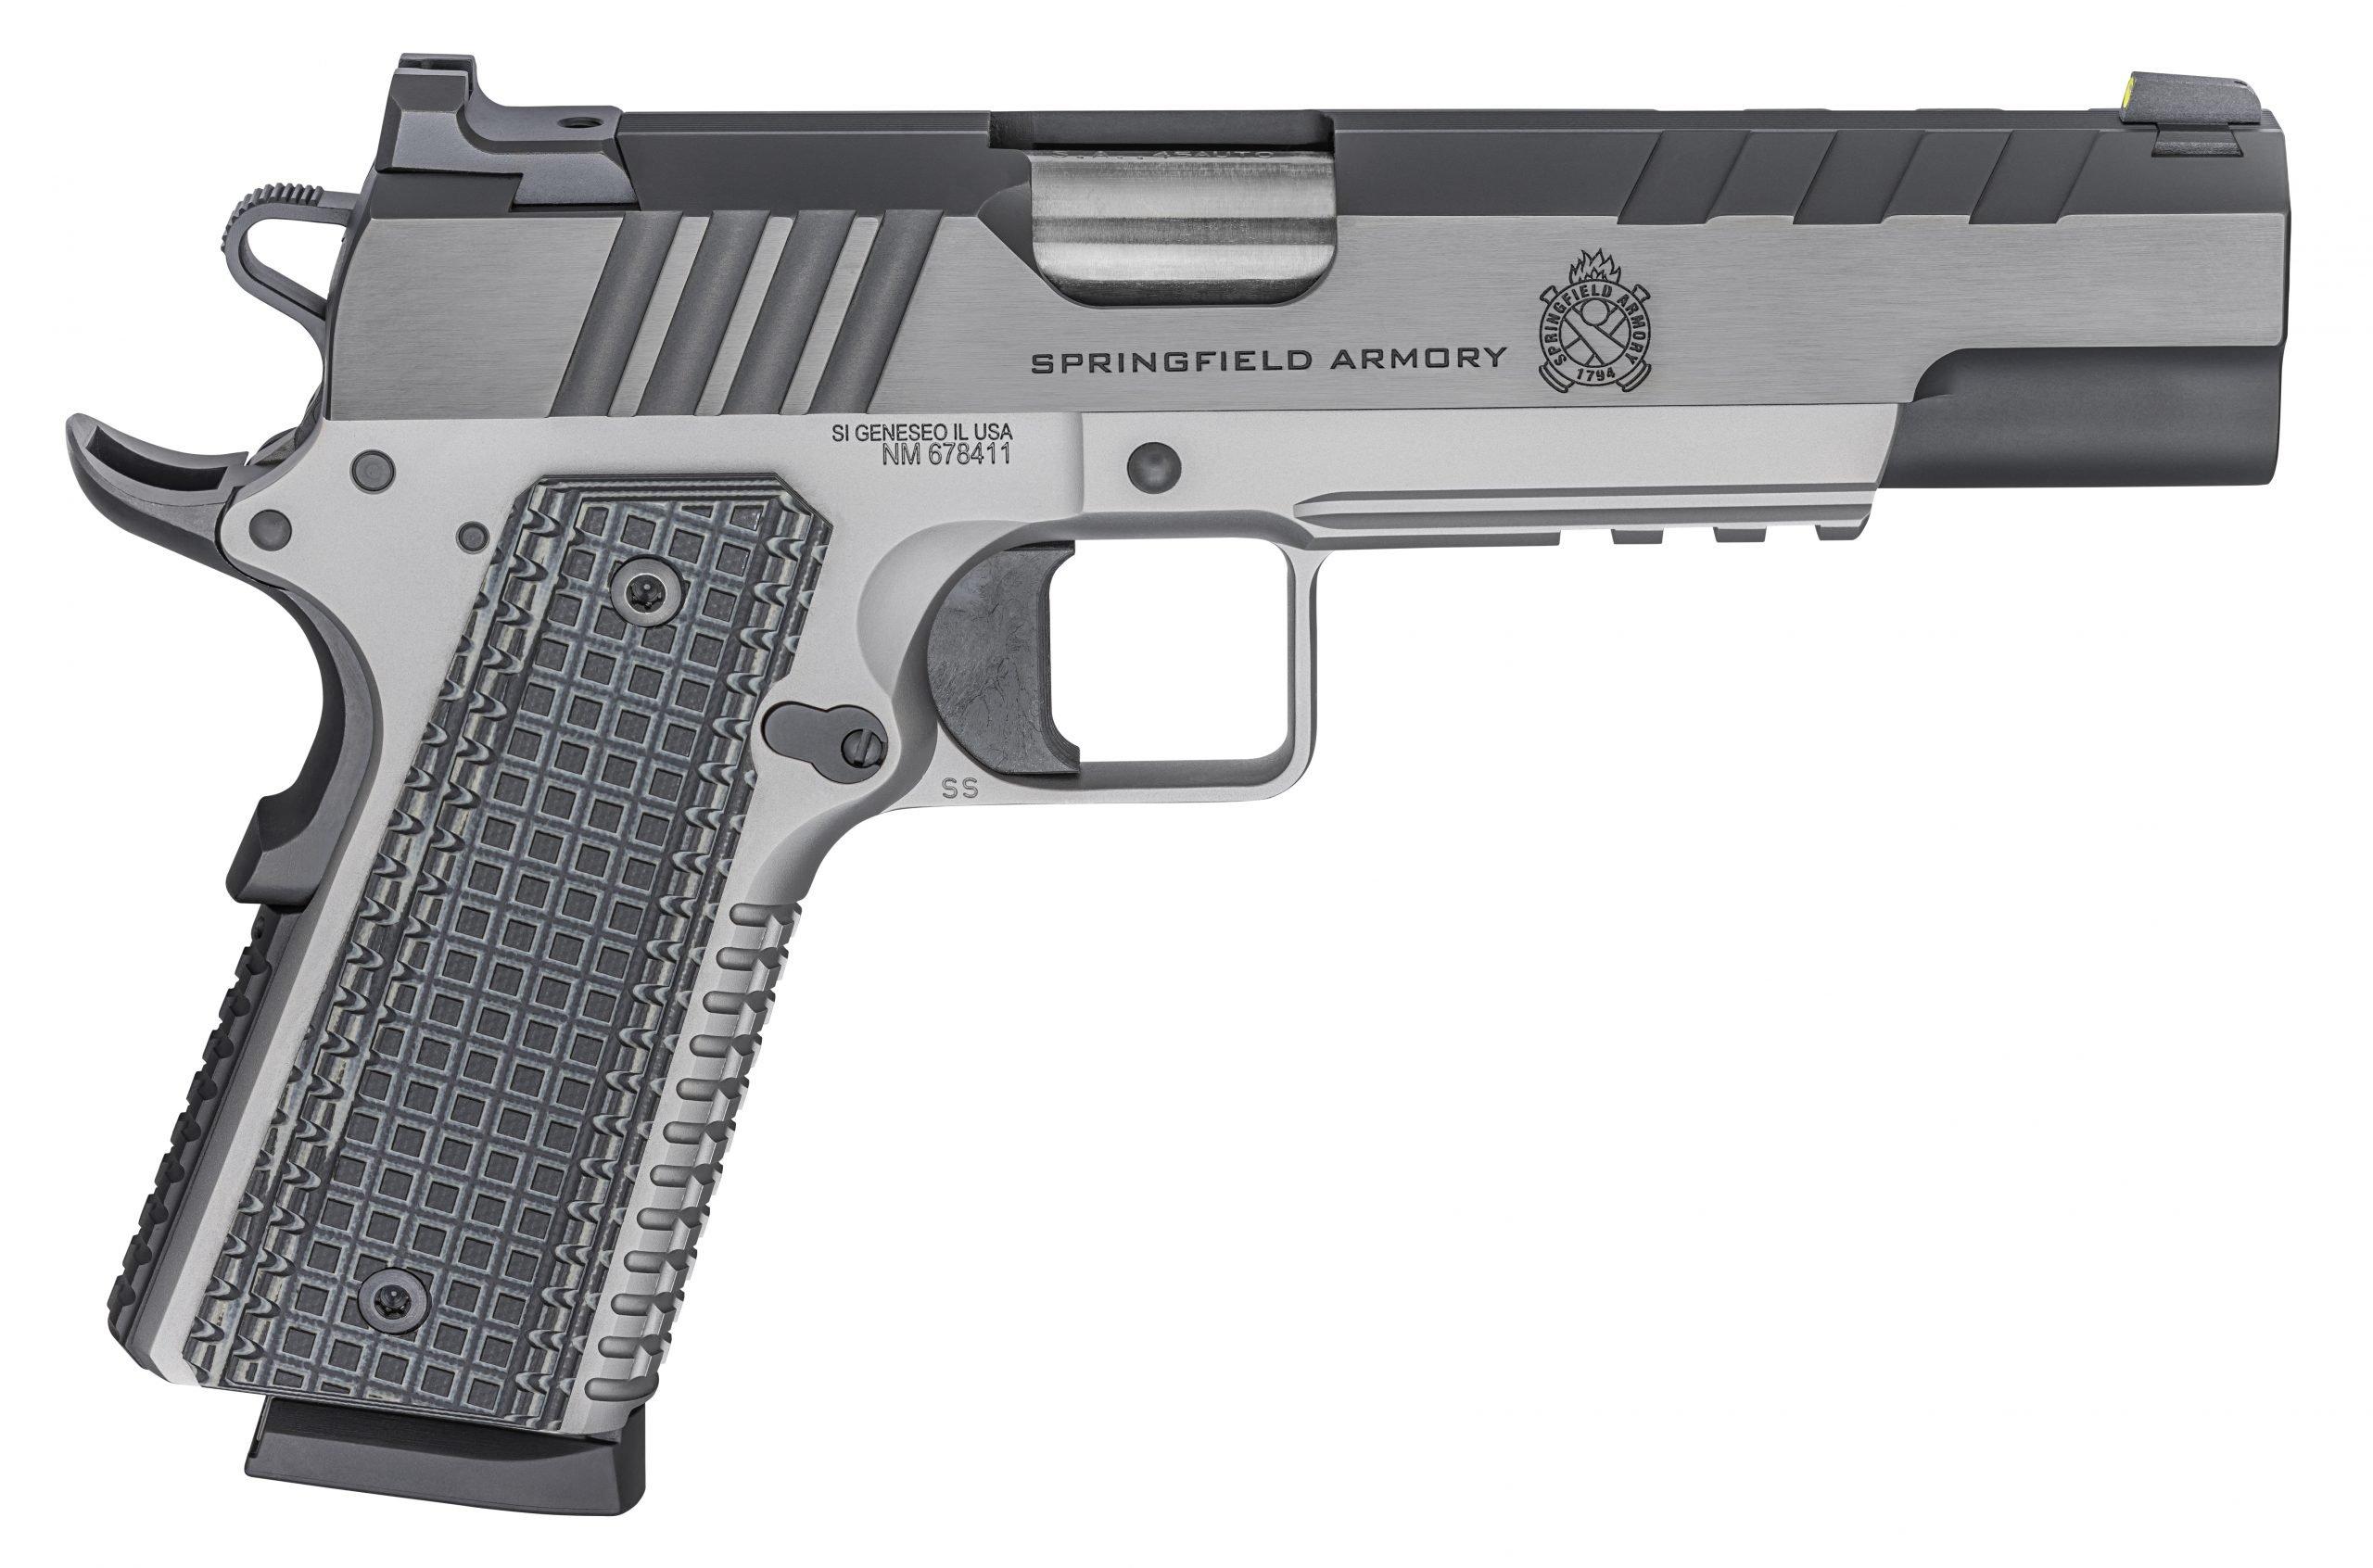 1911-emissary-45-acp-handgun-1